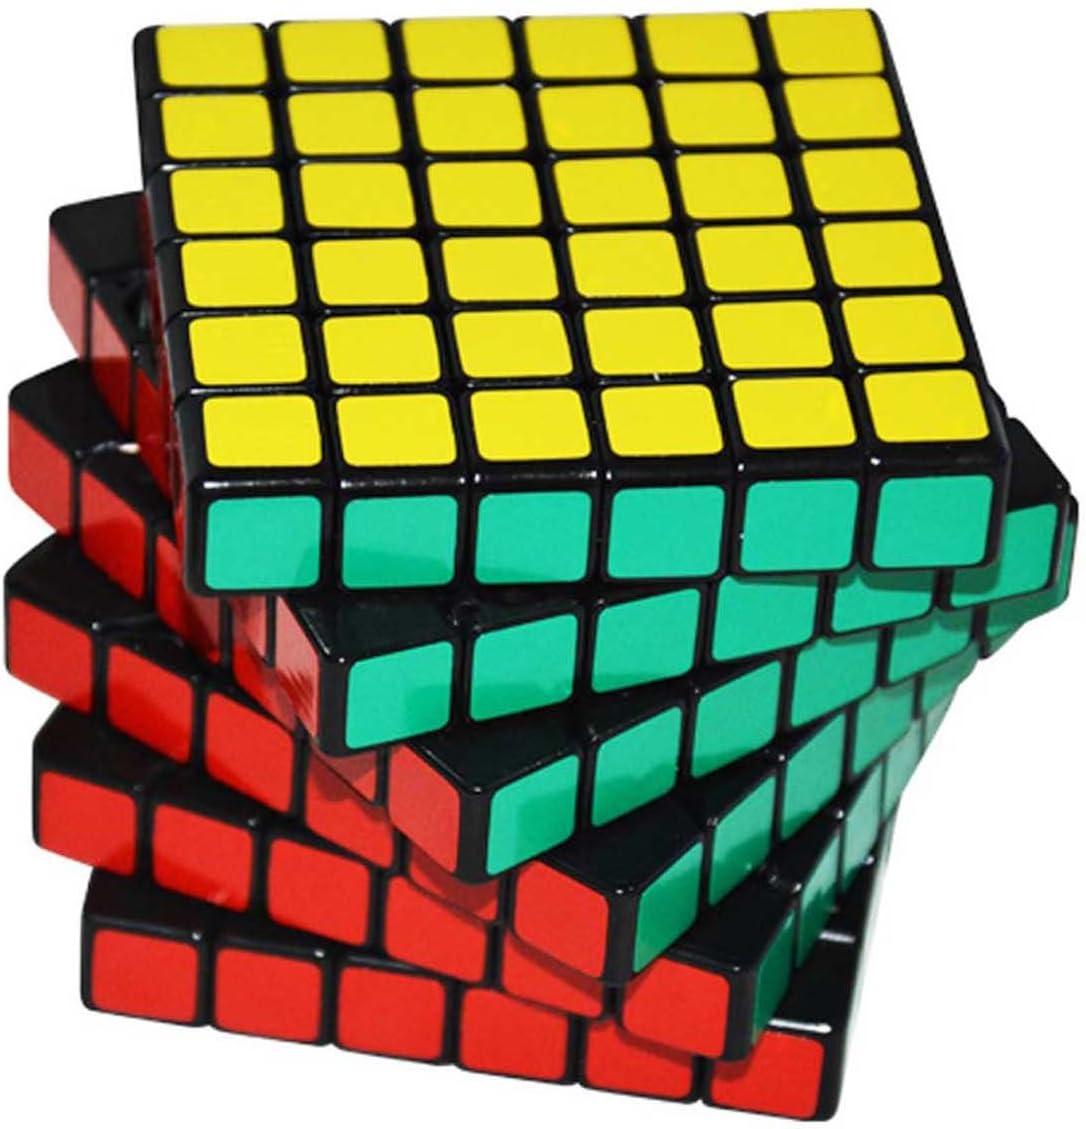 MFJS 2x2x2 /à 11x11x11 Cube Magique La Vitesse Cube Puzzle Jouets /éducatifs Autocollant Fond Noir 10x10x10